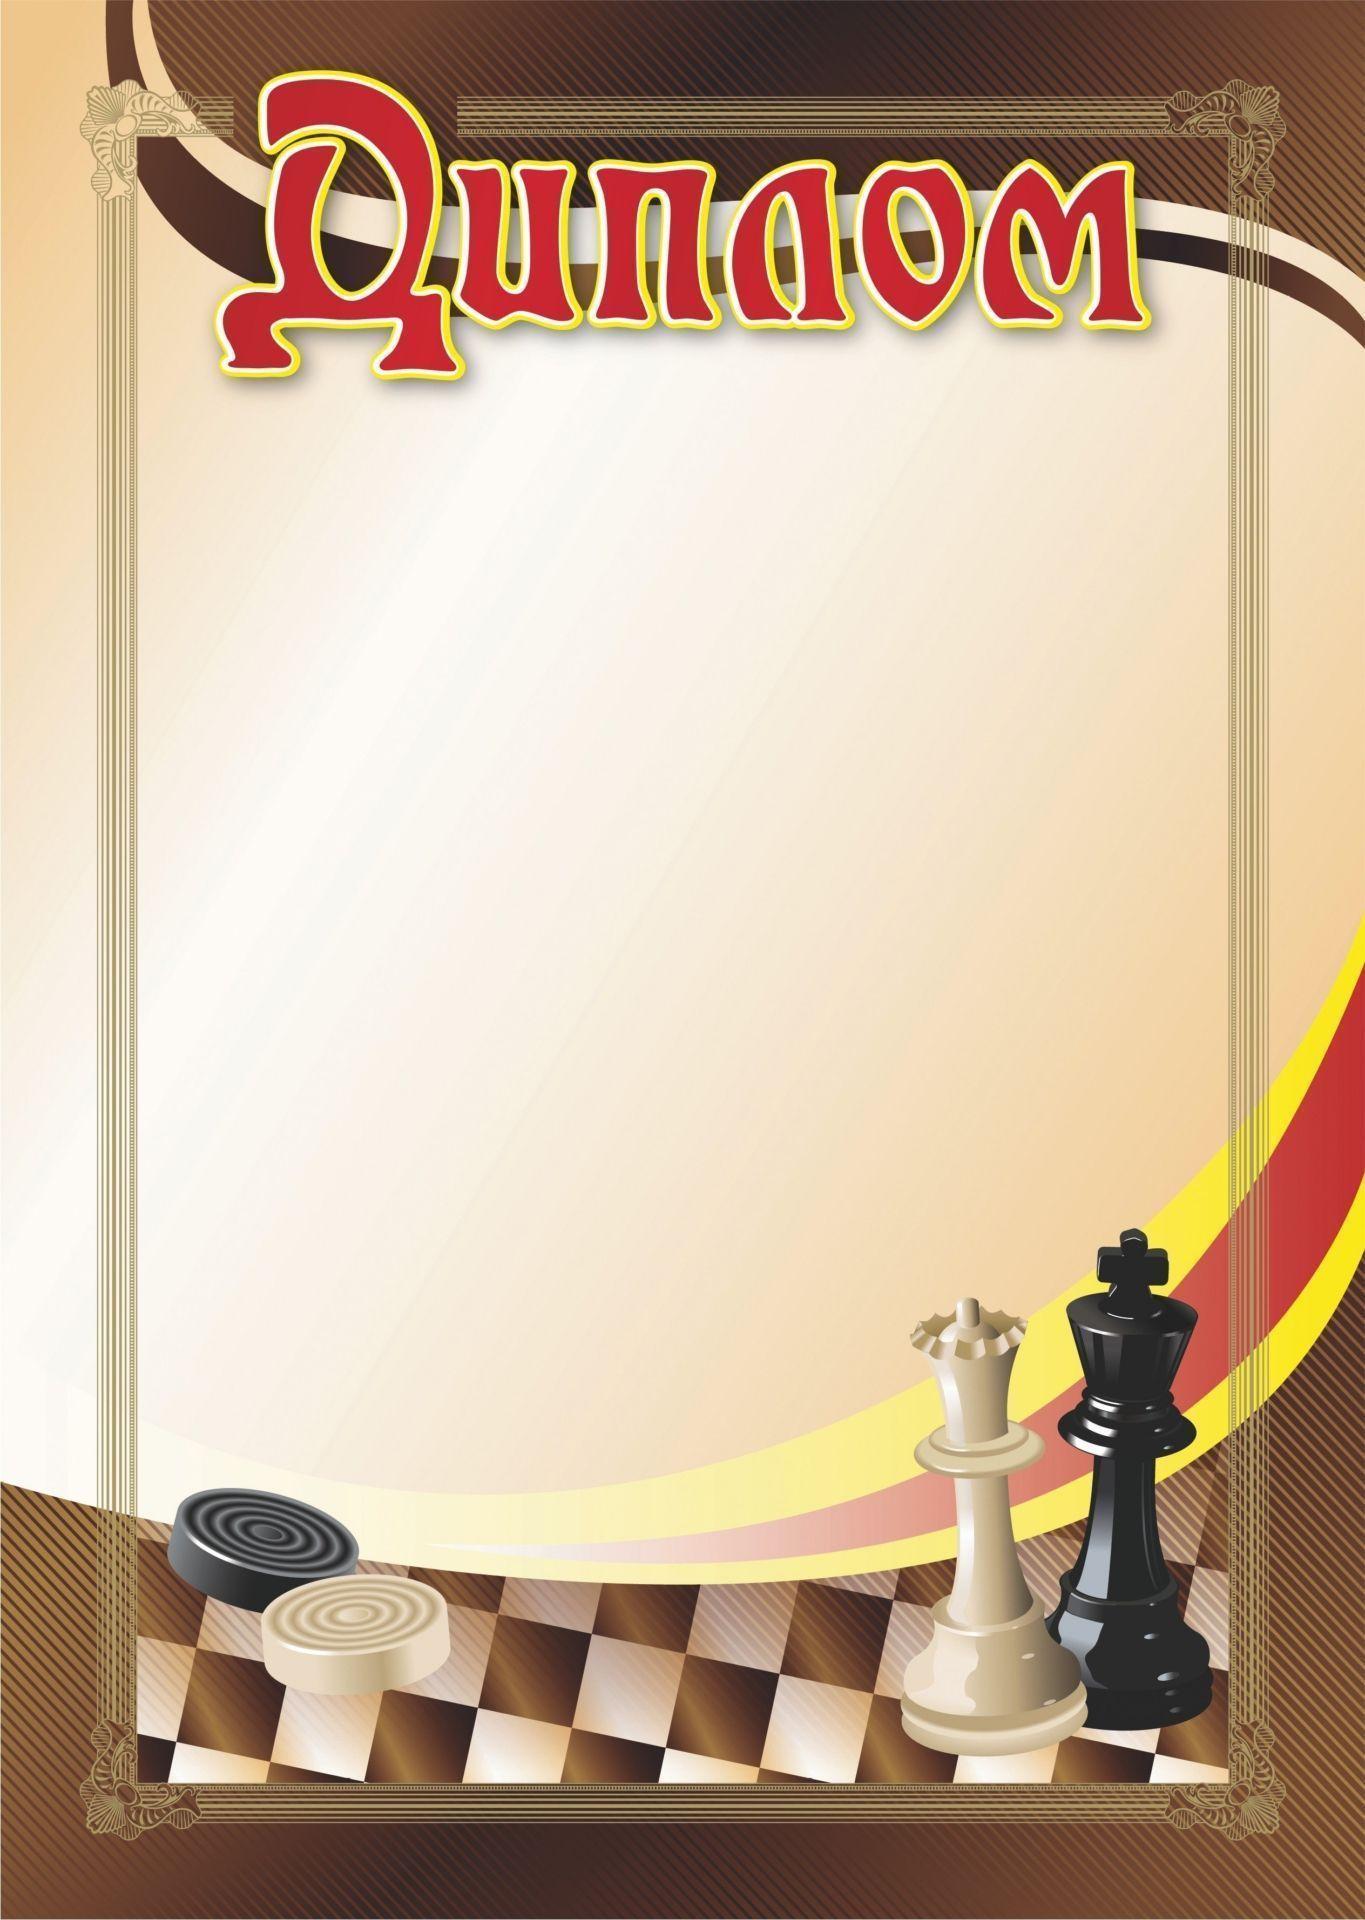 Диплом (с шахматной и шашечной символикой)Общего назначения<br>Материалы:на обложку - бумага мелованная, пл. 250.00.<br><br>Год: 2017<br>Высота: 297<br>Ширина: 210